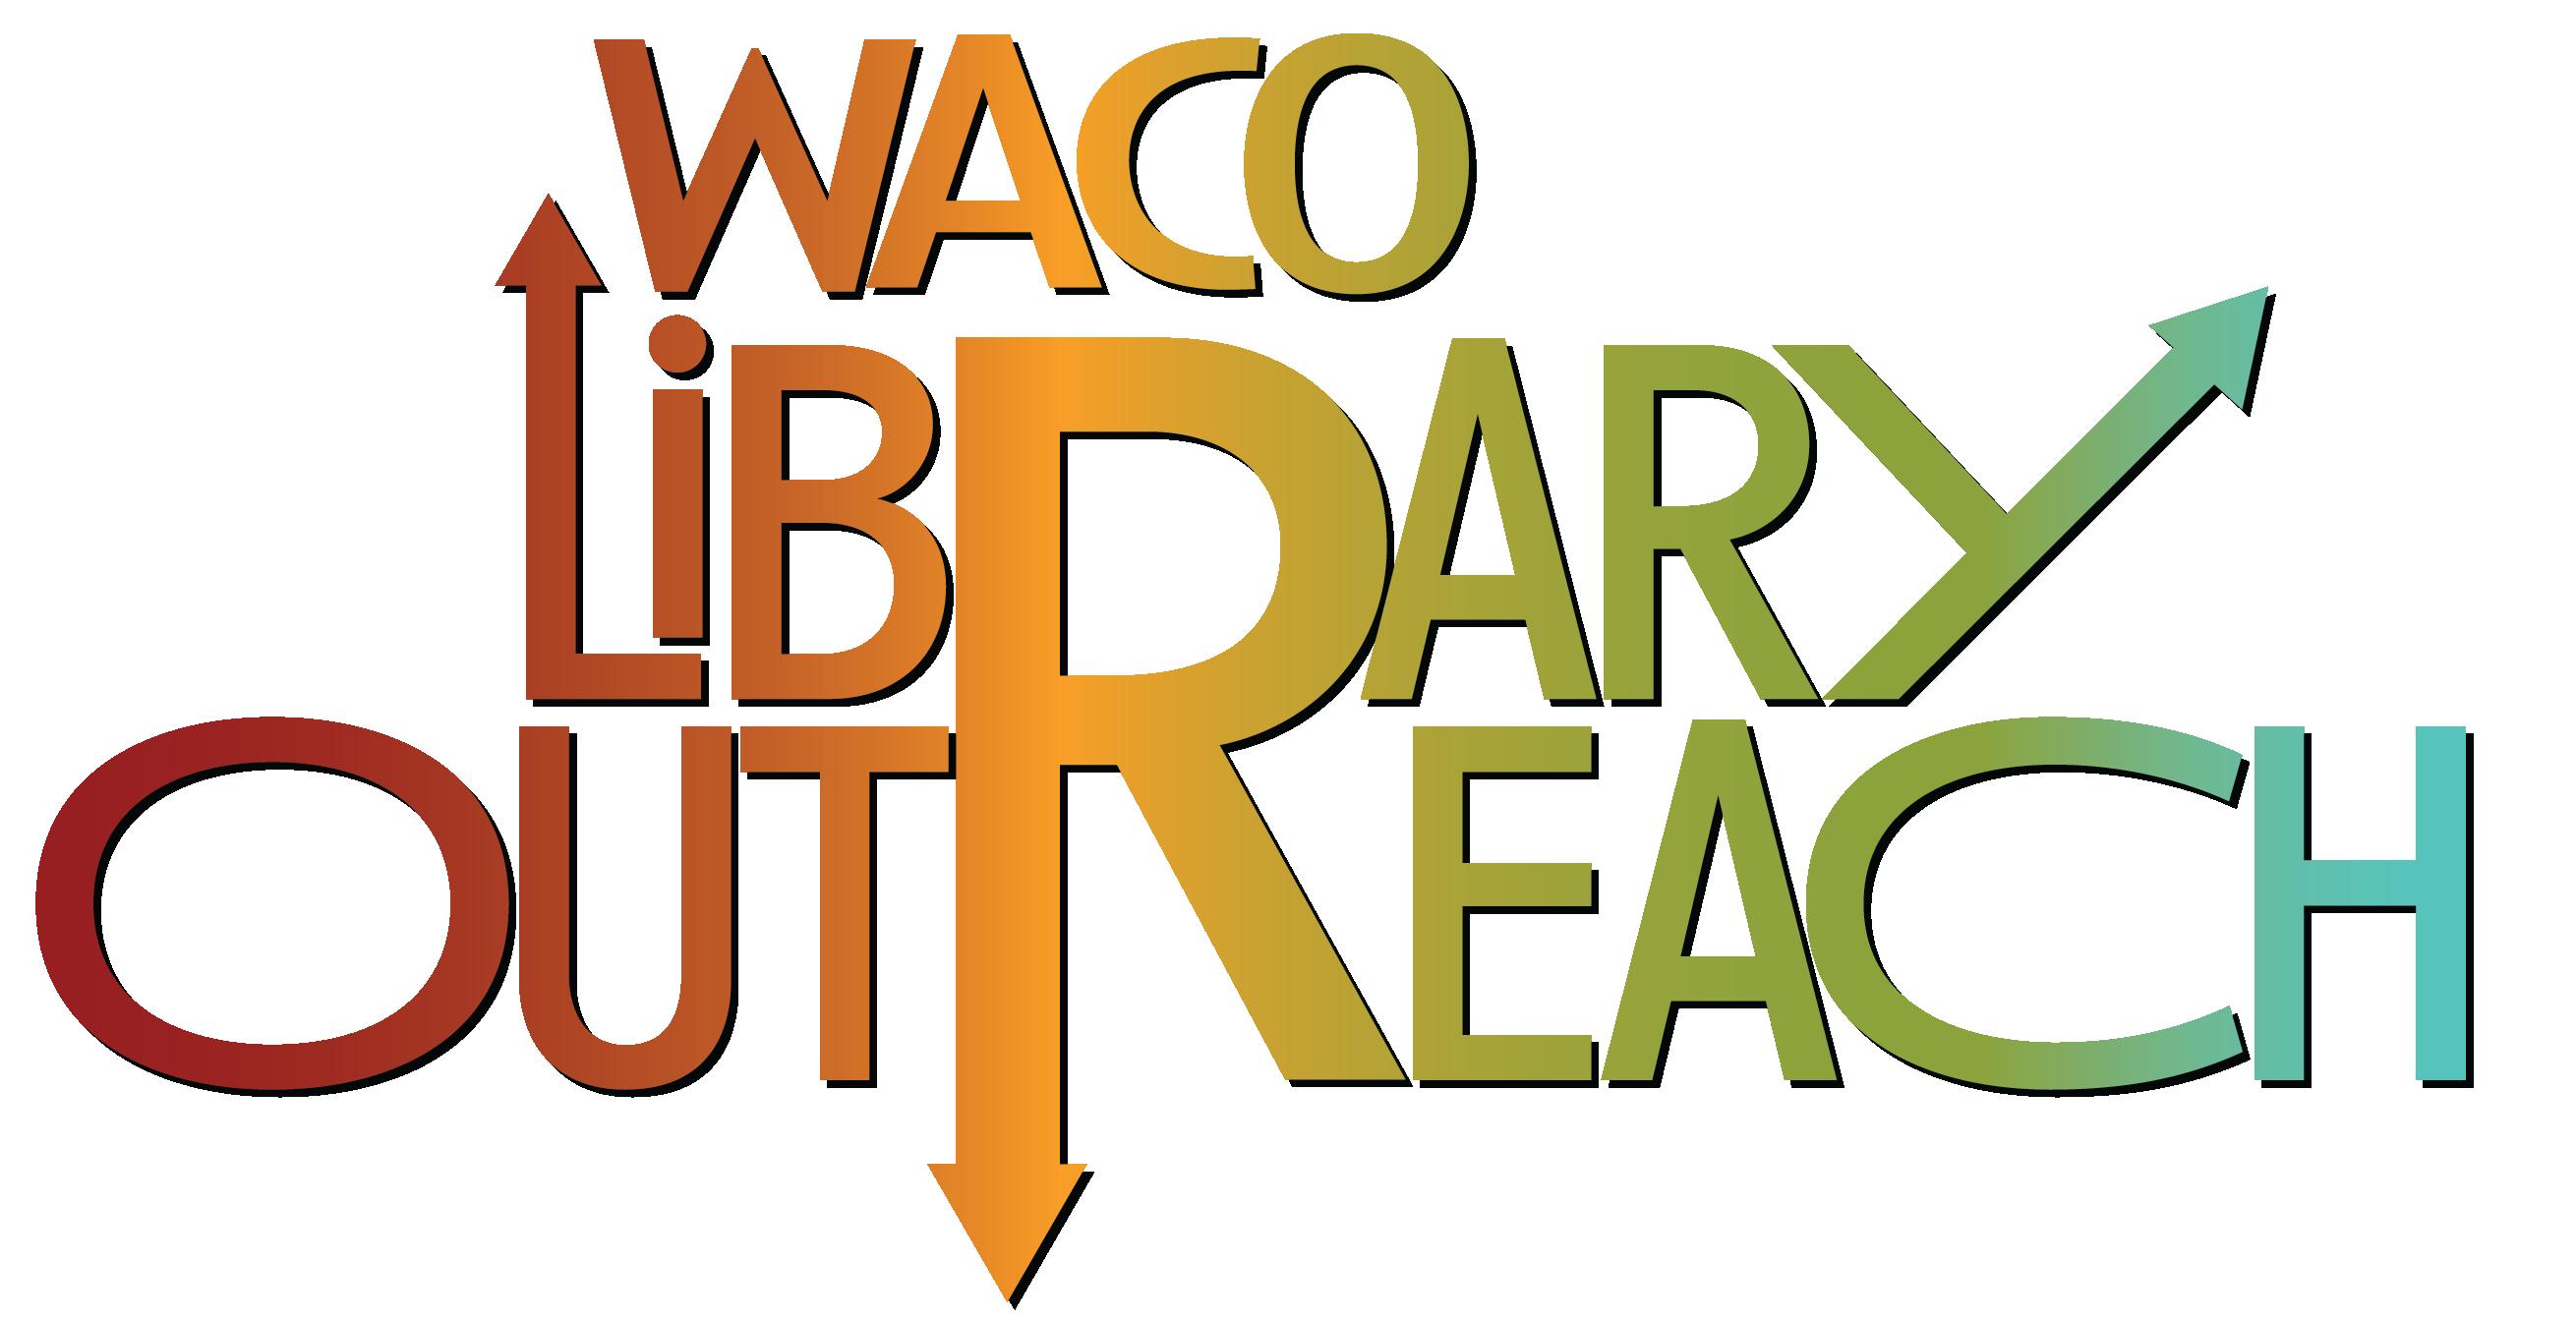 Waco Library Outreach